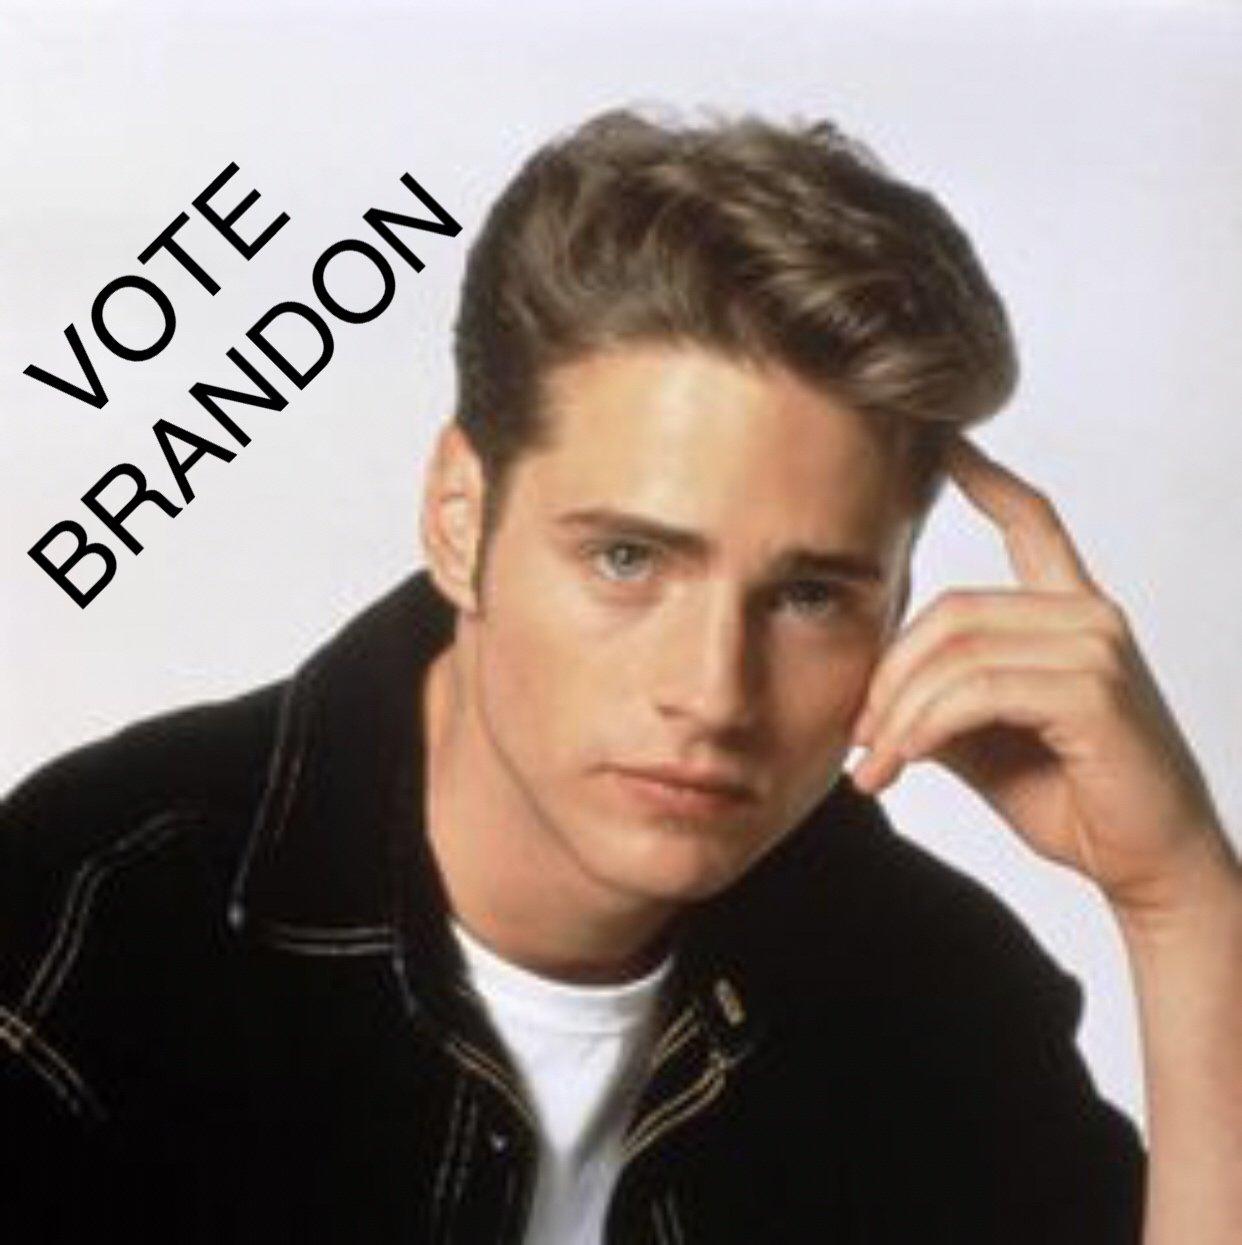 From one Brandon to another, it's simple. Vote Brandon.  #BeltTheBallot: https://t.co/51LAfiAPUQ https://t.co/aVqw2nkgNJ